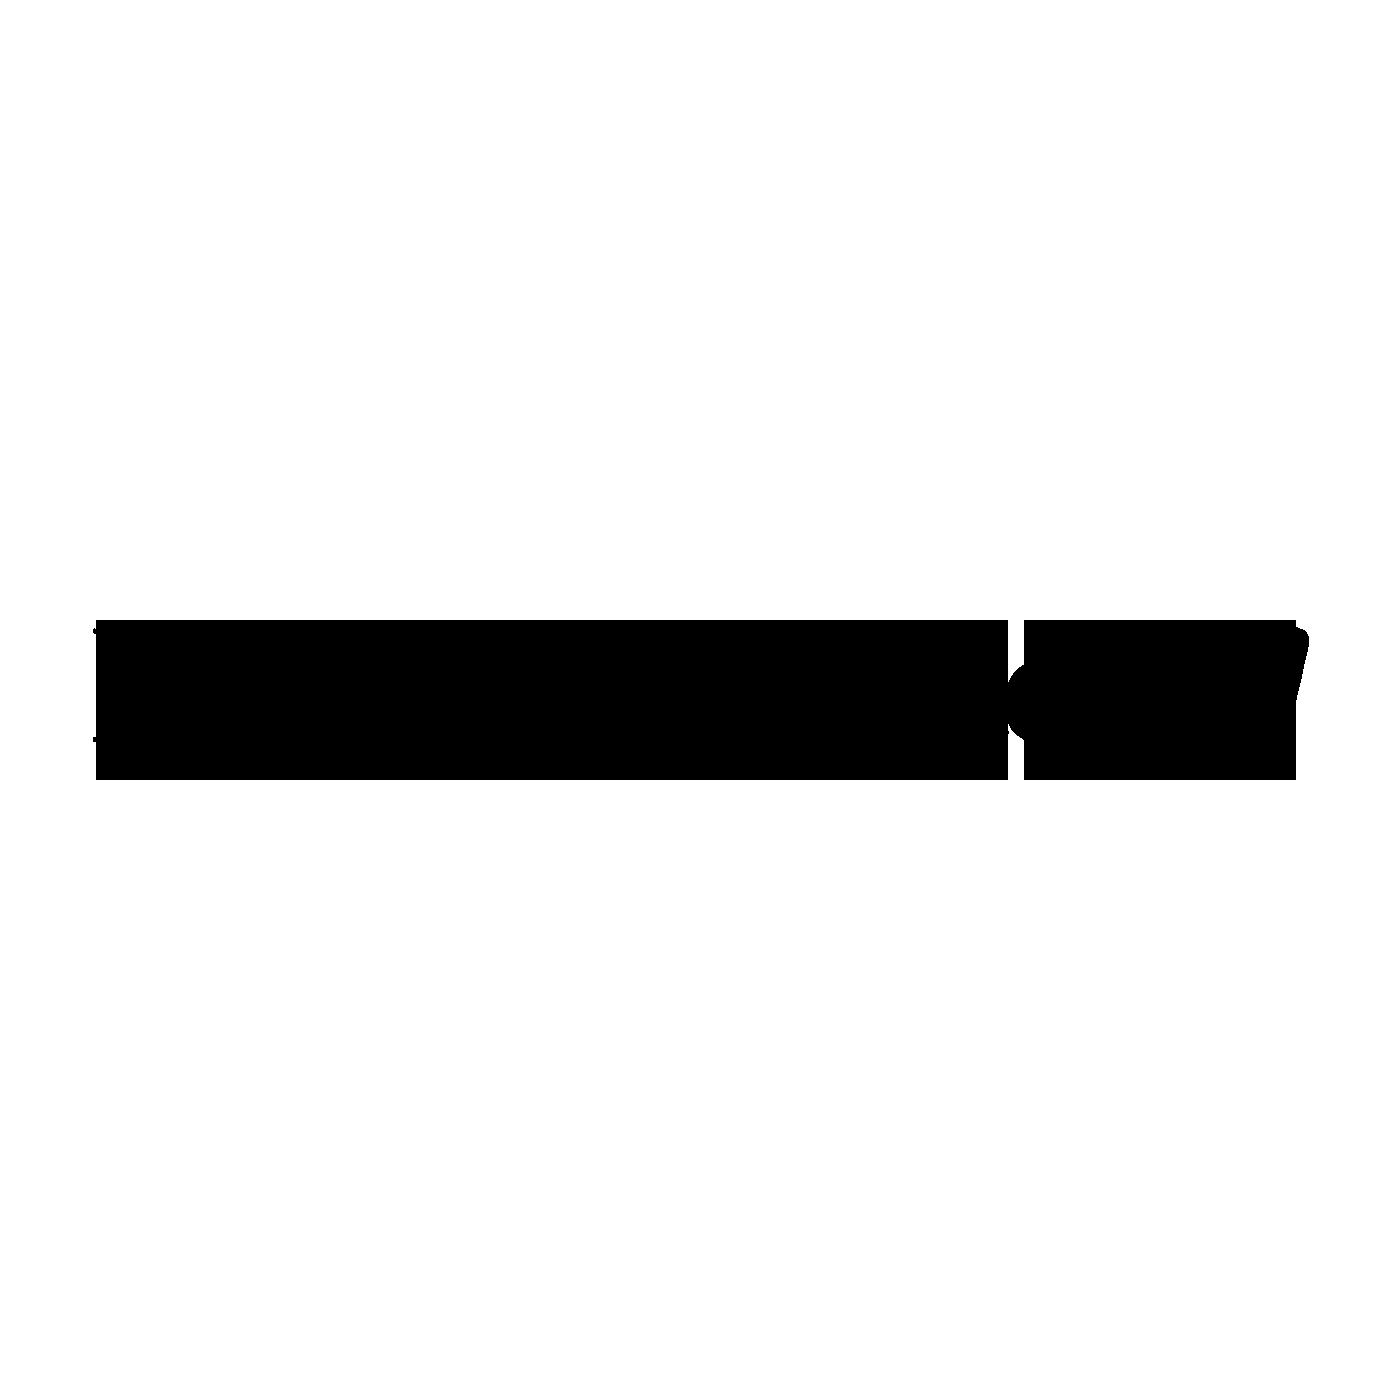 Logos_0002_Layer-2.png